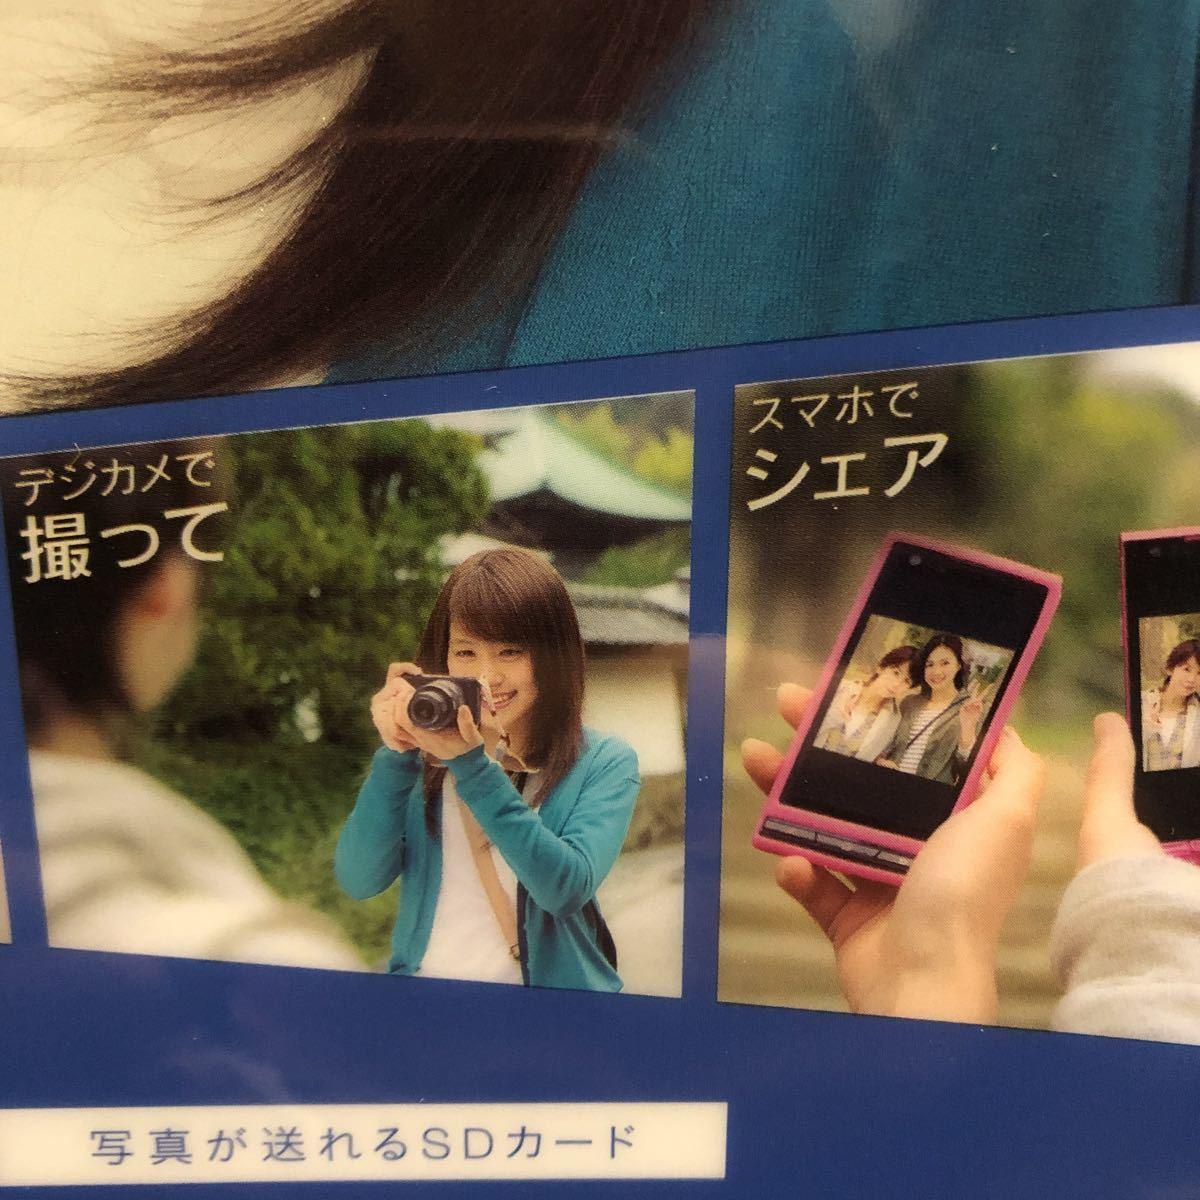 未使用★有村架純 東芝 Flash Air 非売品クリアファイル★_画像3